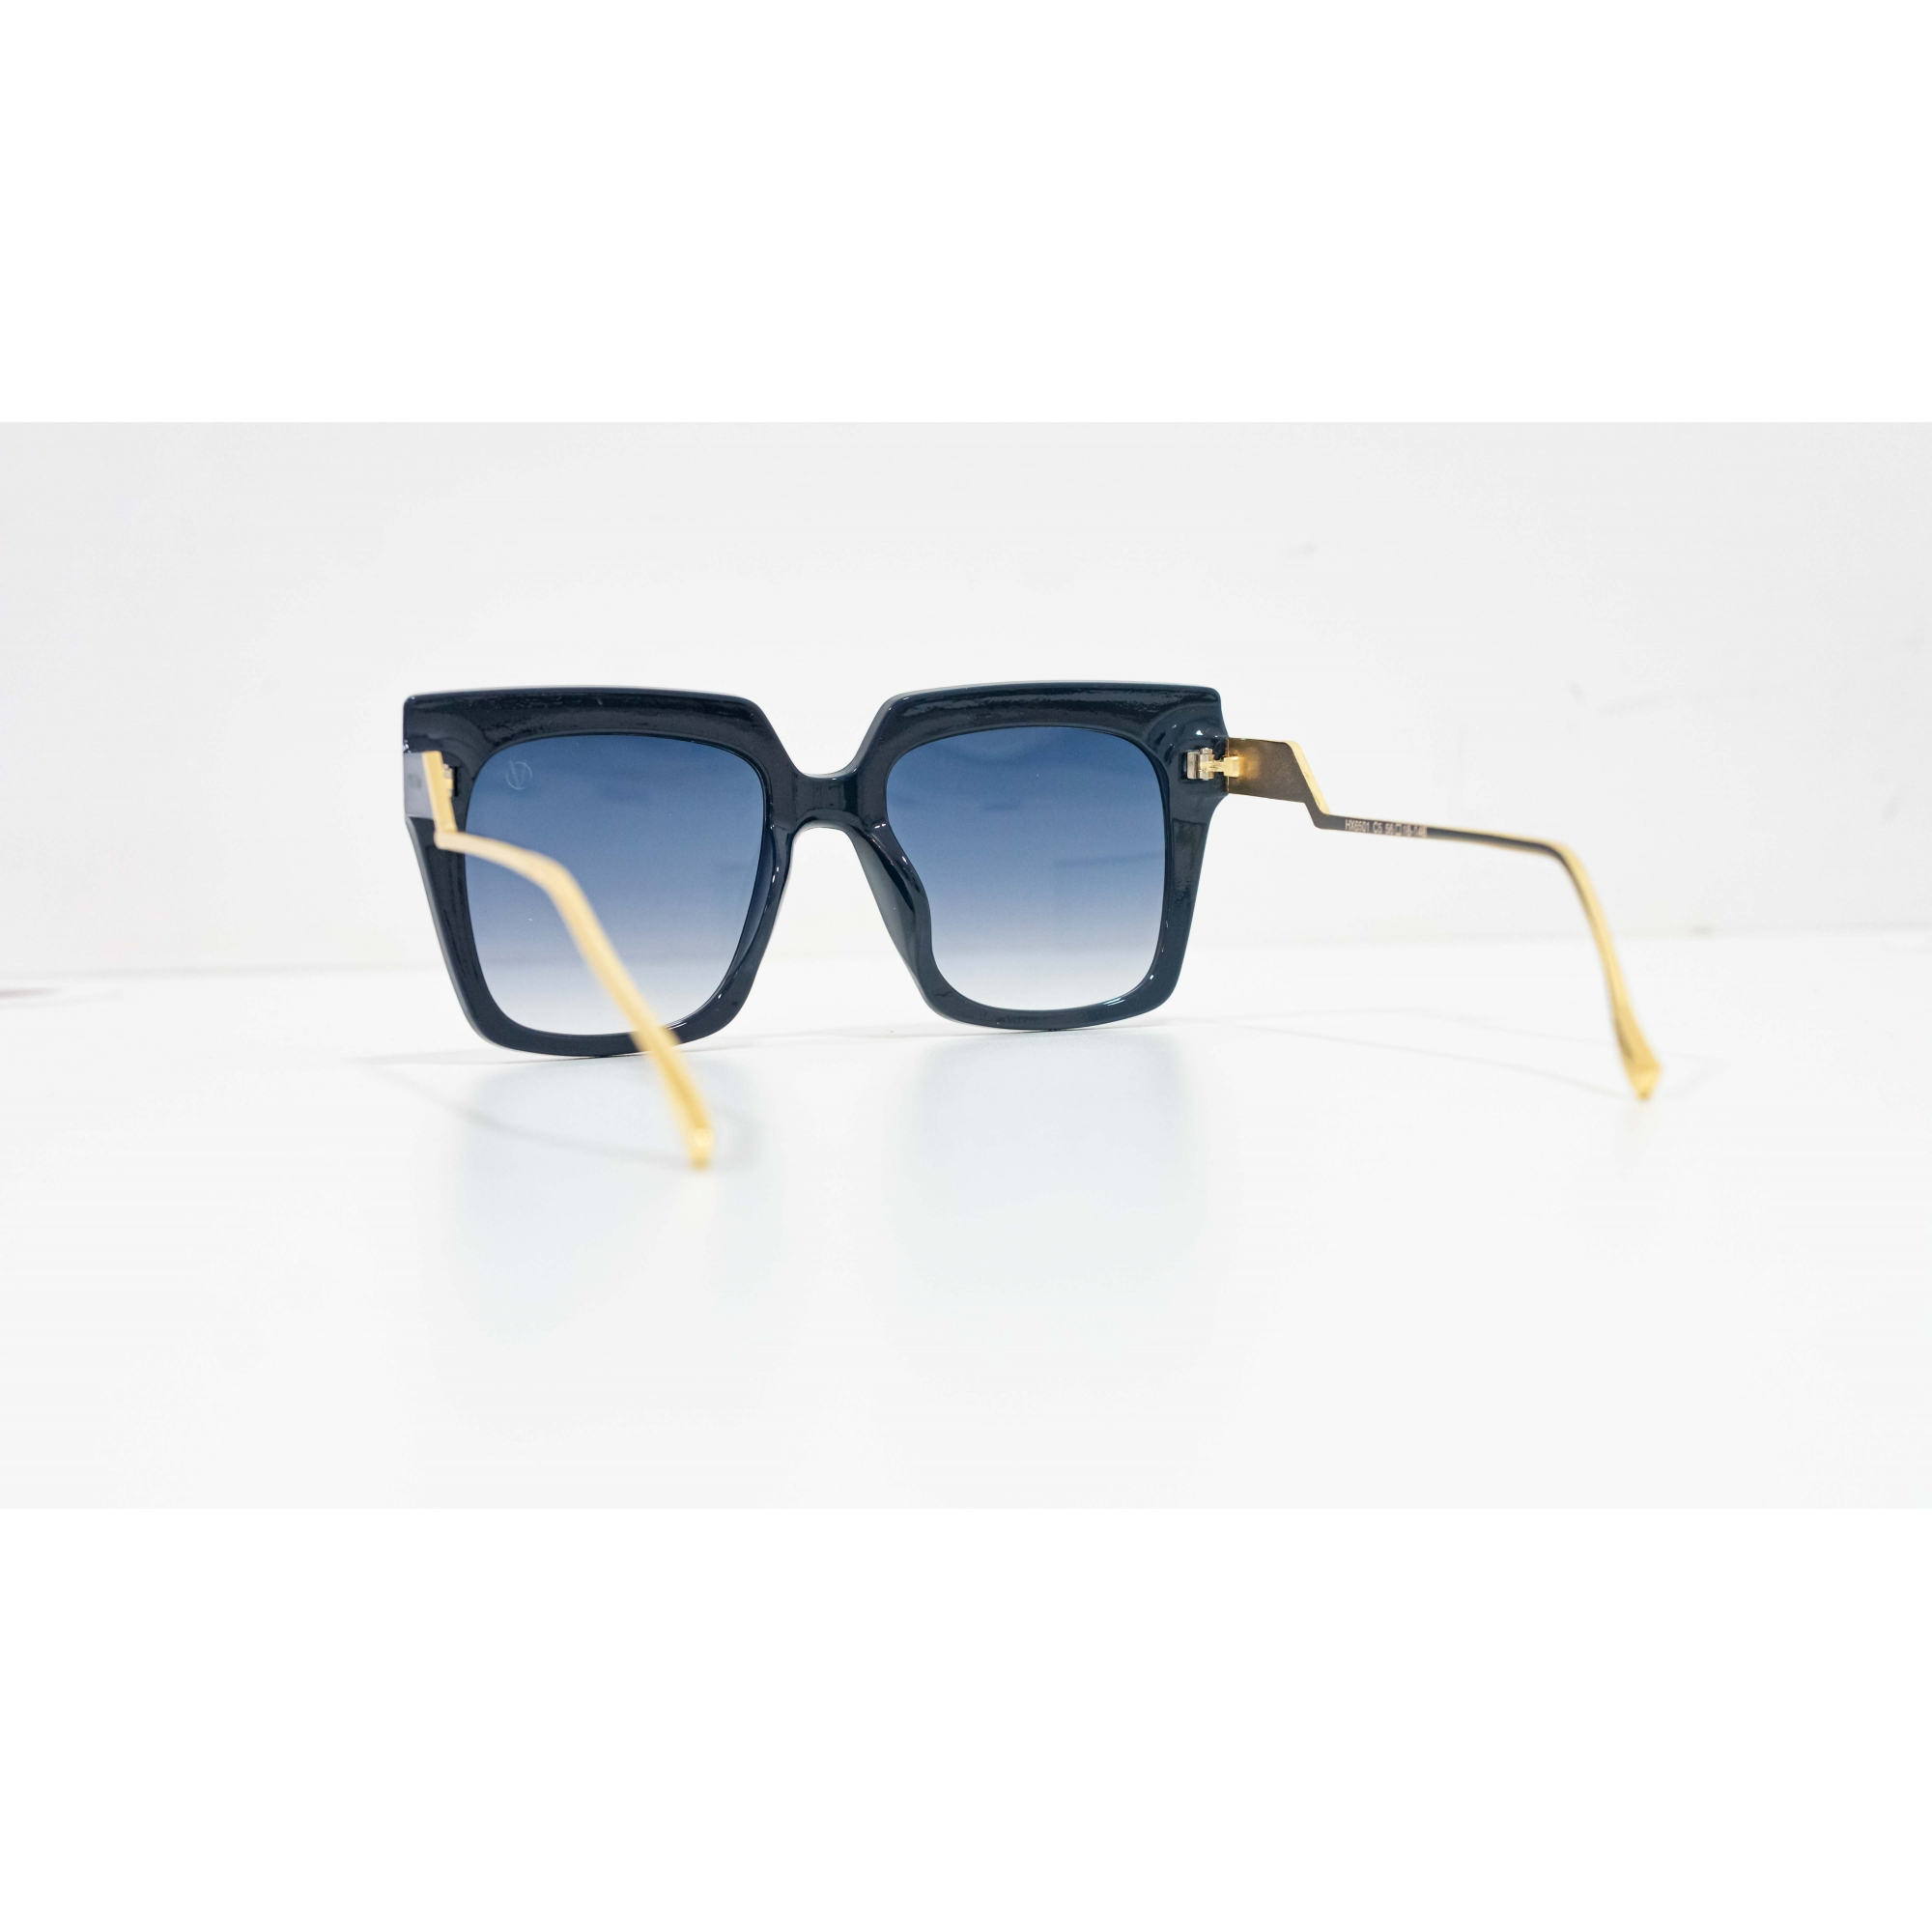 Óculos Vistta Aping Quadrado HX6501 C5 56 Azul